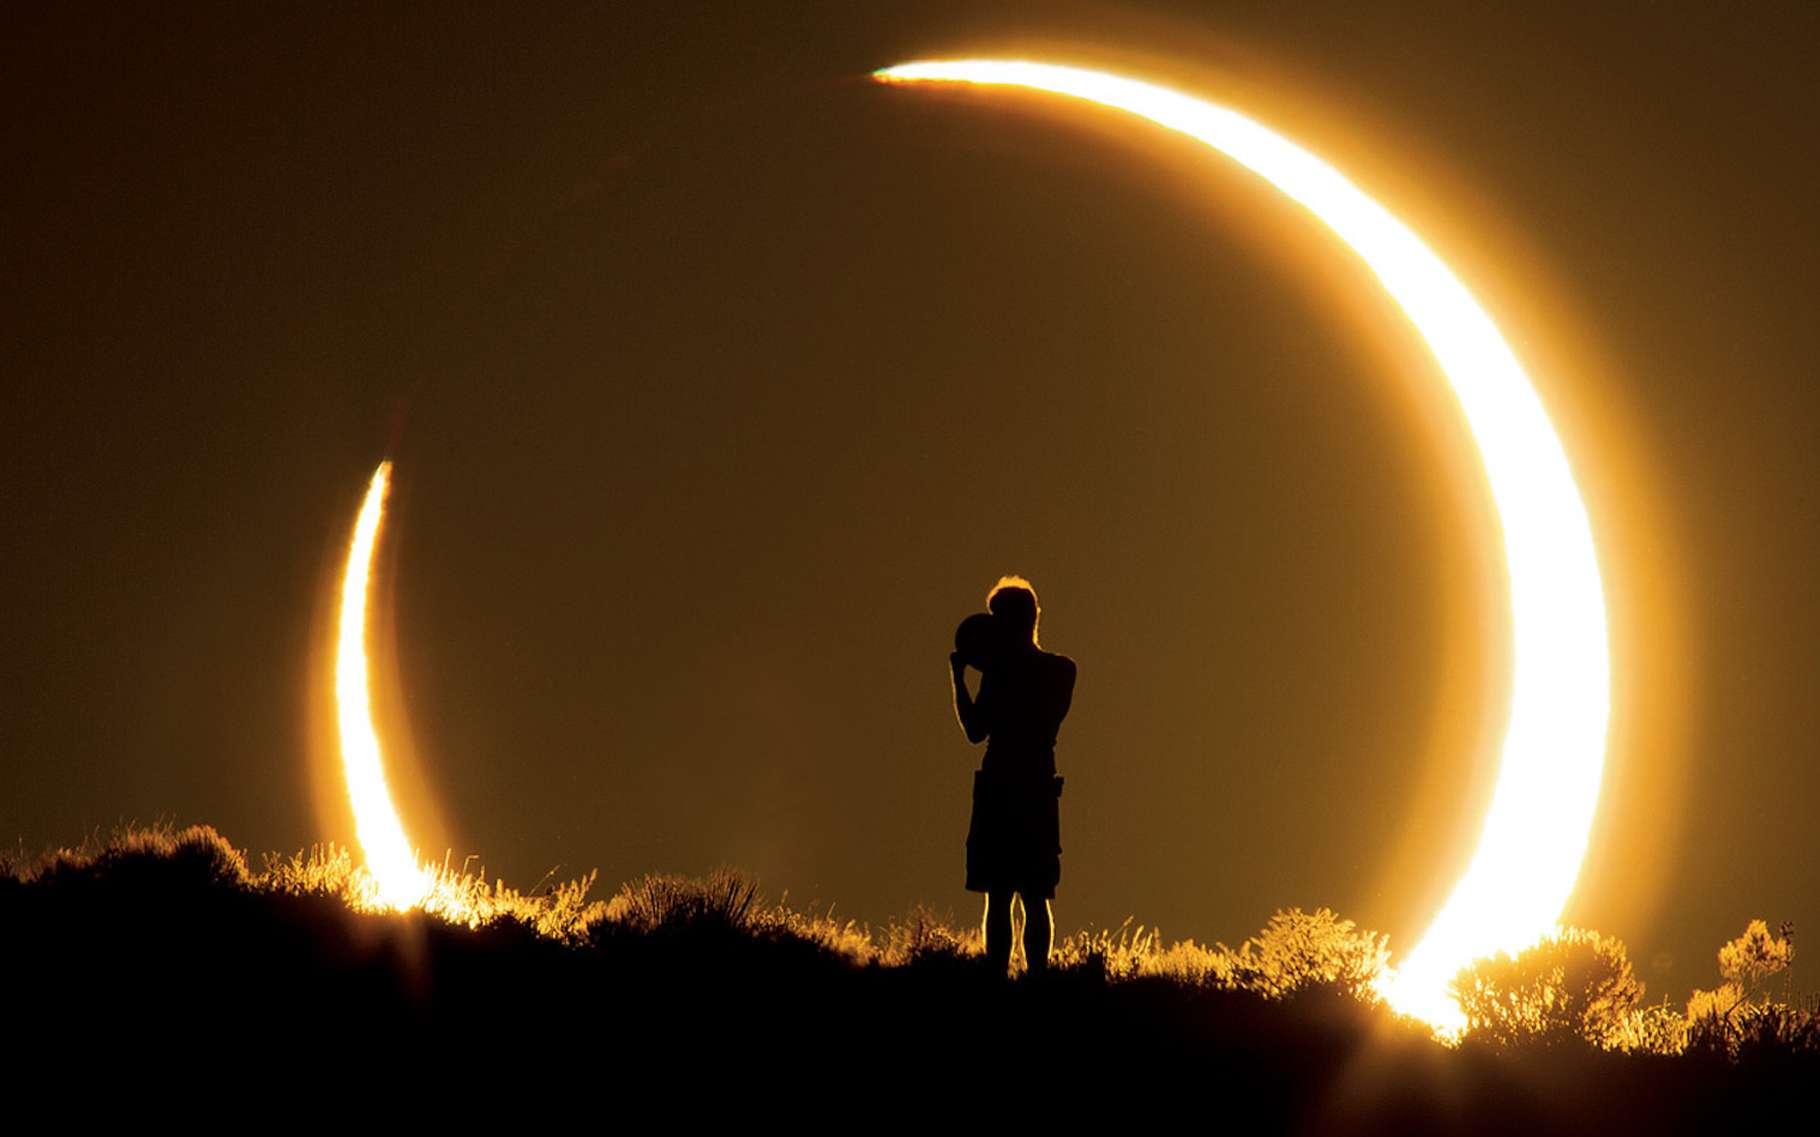 Une éclipse annulaire de Soleil transforme notre étoile en un bel anneau lumineux. © Colleen Pinski, NASA Astromony picture of the day